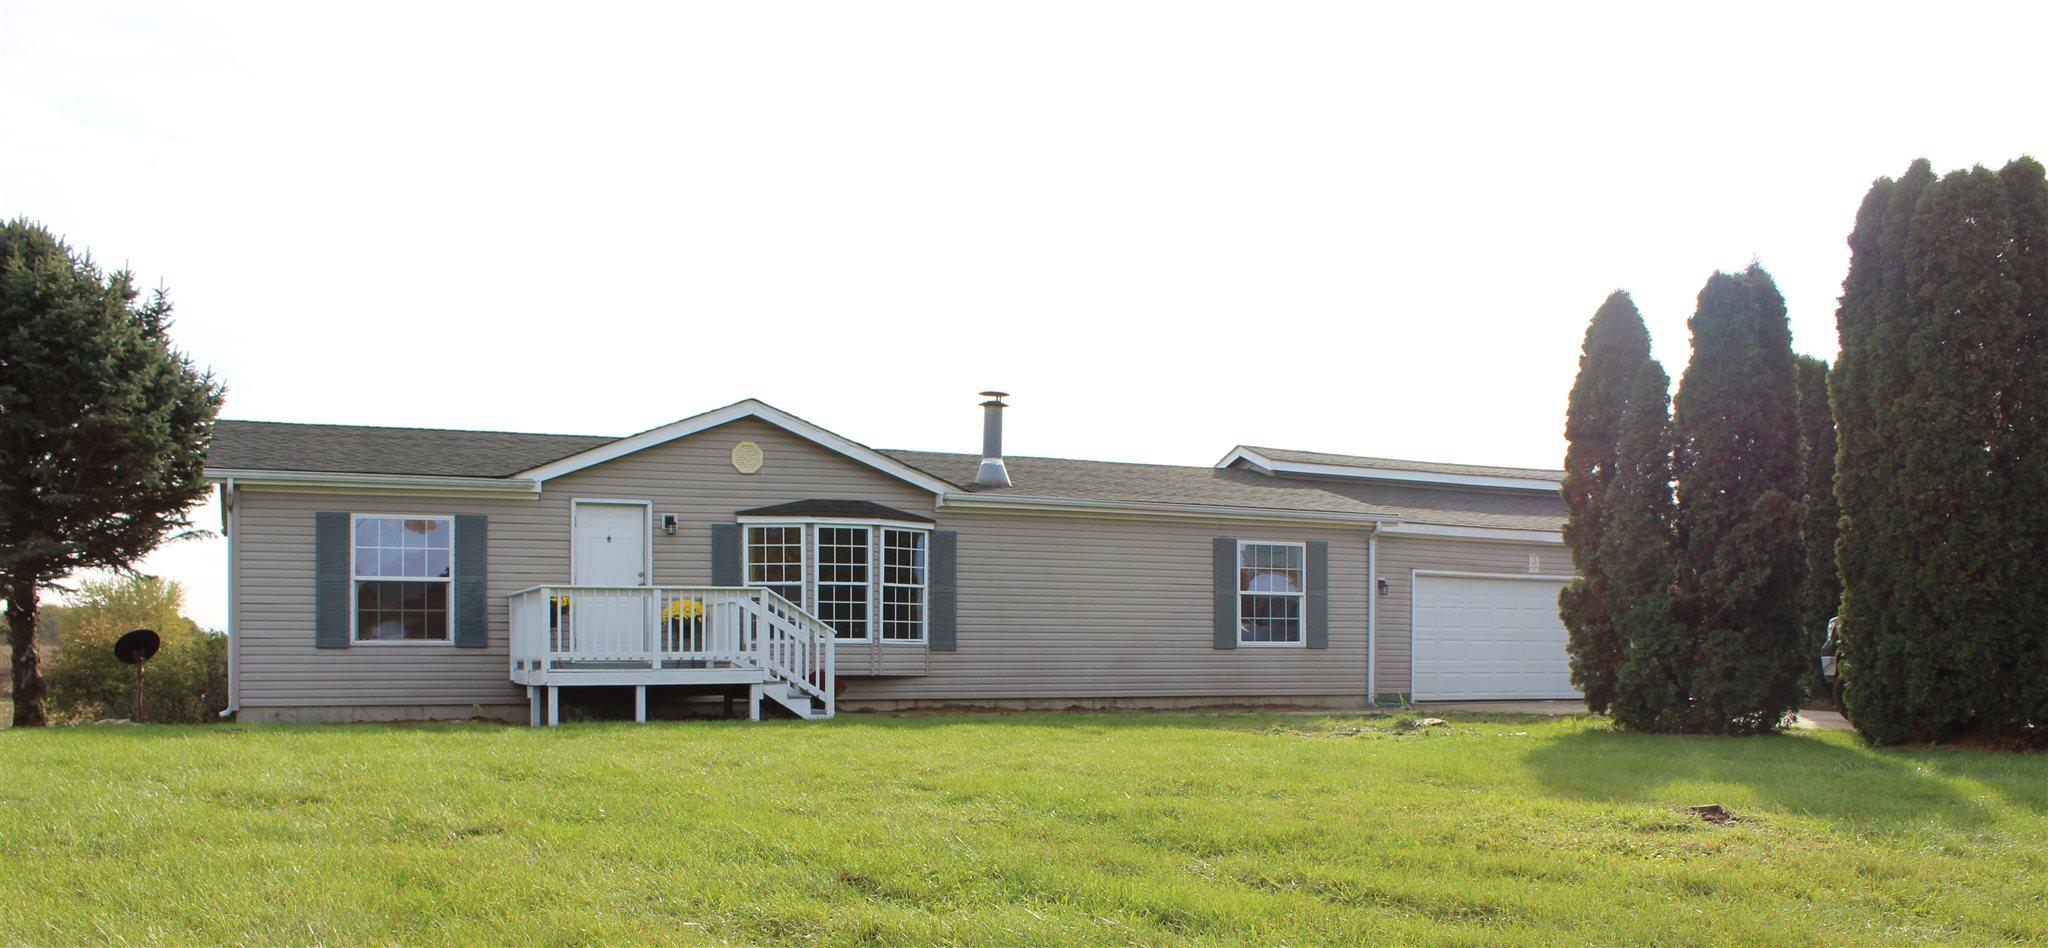 24288 County Road 126 Goshen, IN 46526